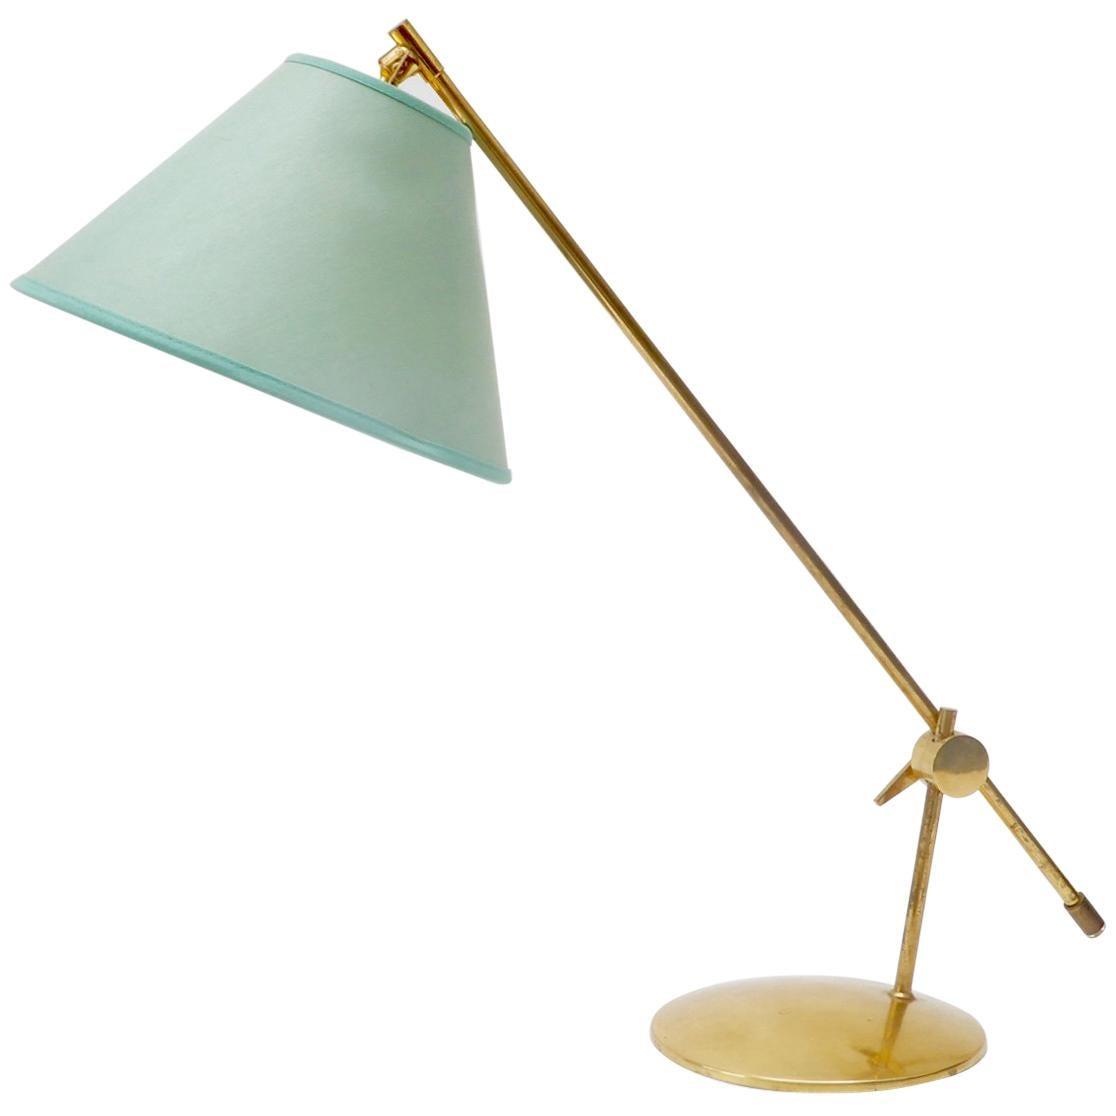 Scandinavian Brass Table Lamp, 1960s